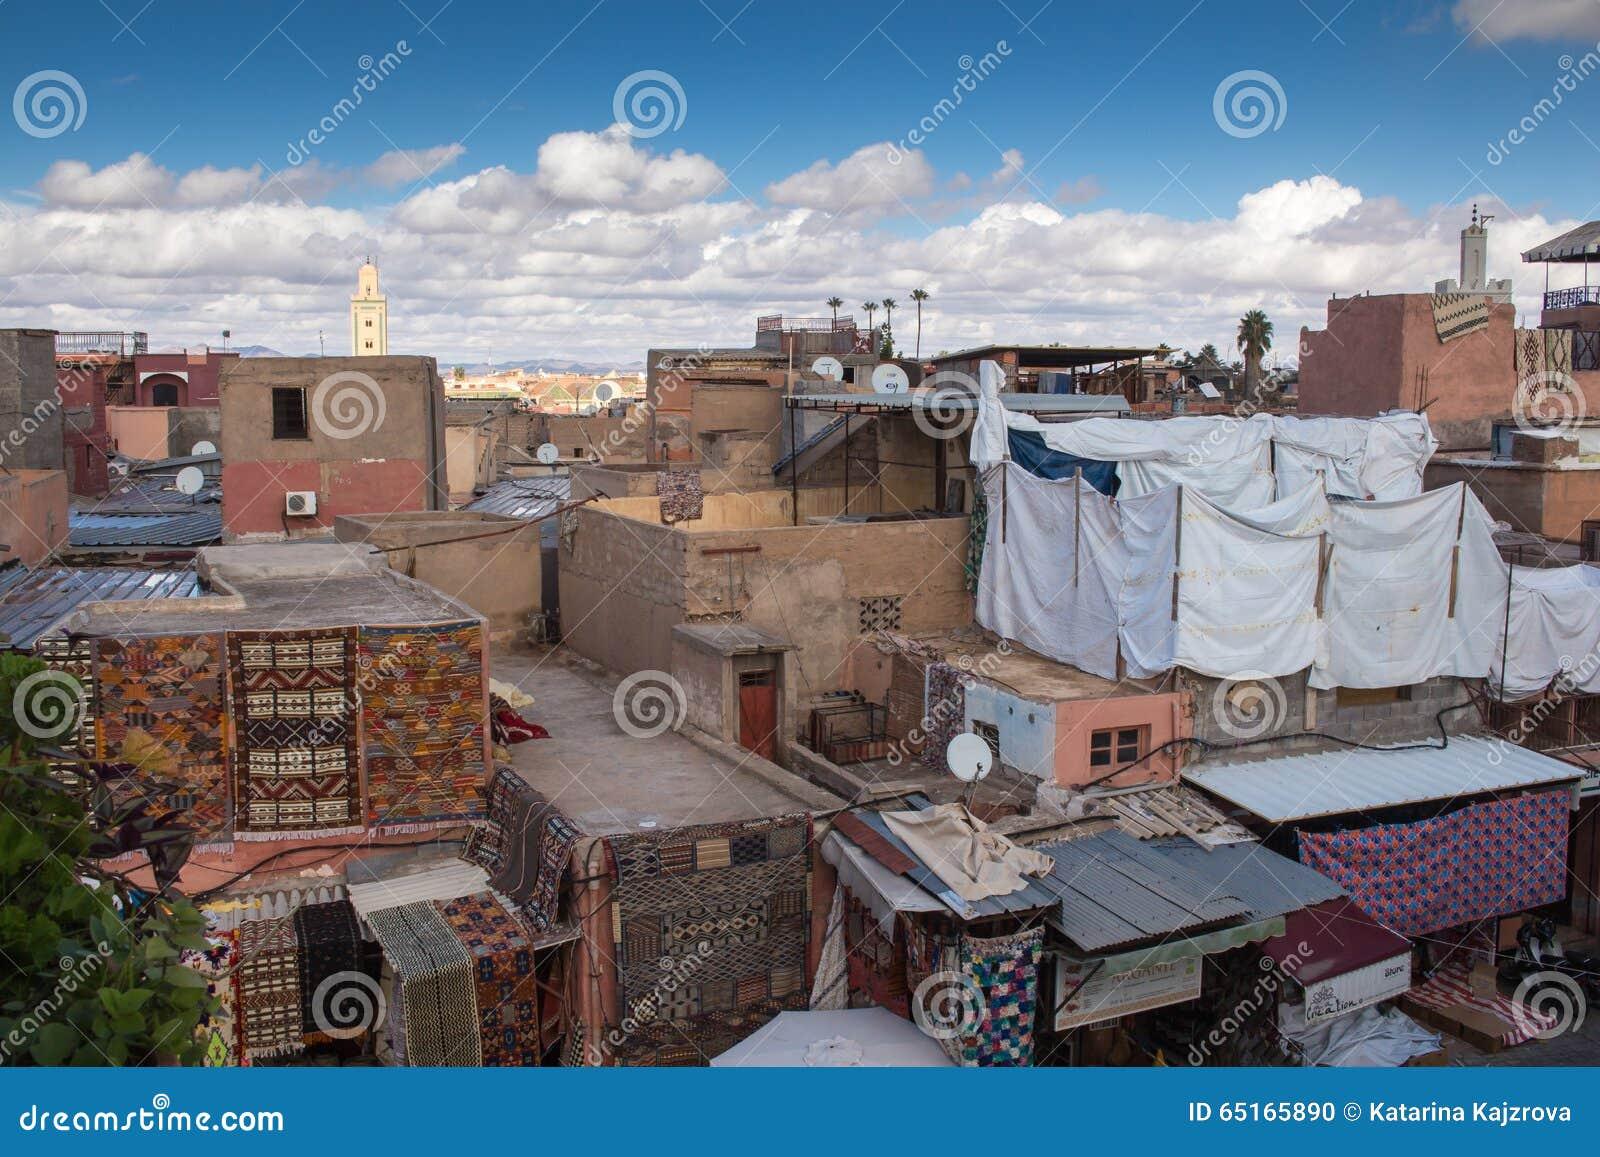 d cher und h user von marrakesch marokko stockfoto bild 65165890. Black Bedroom Furniture Sets. Home Design Ideas